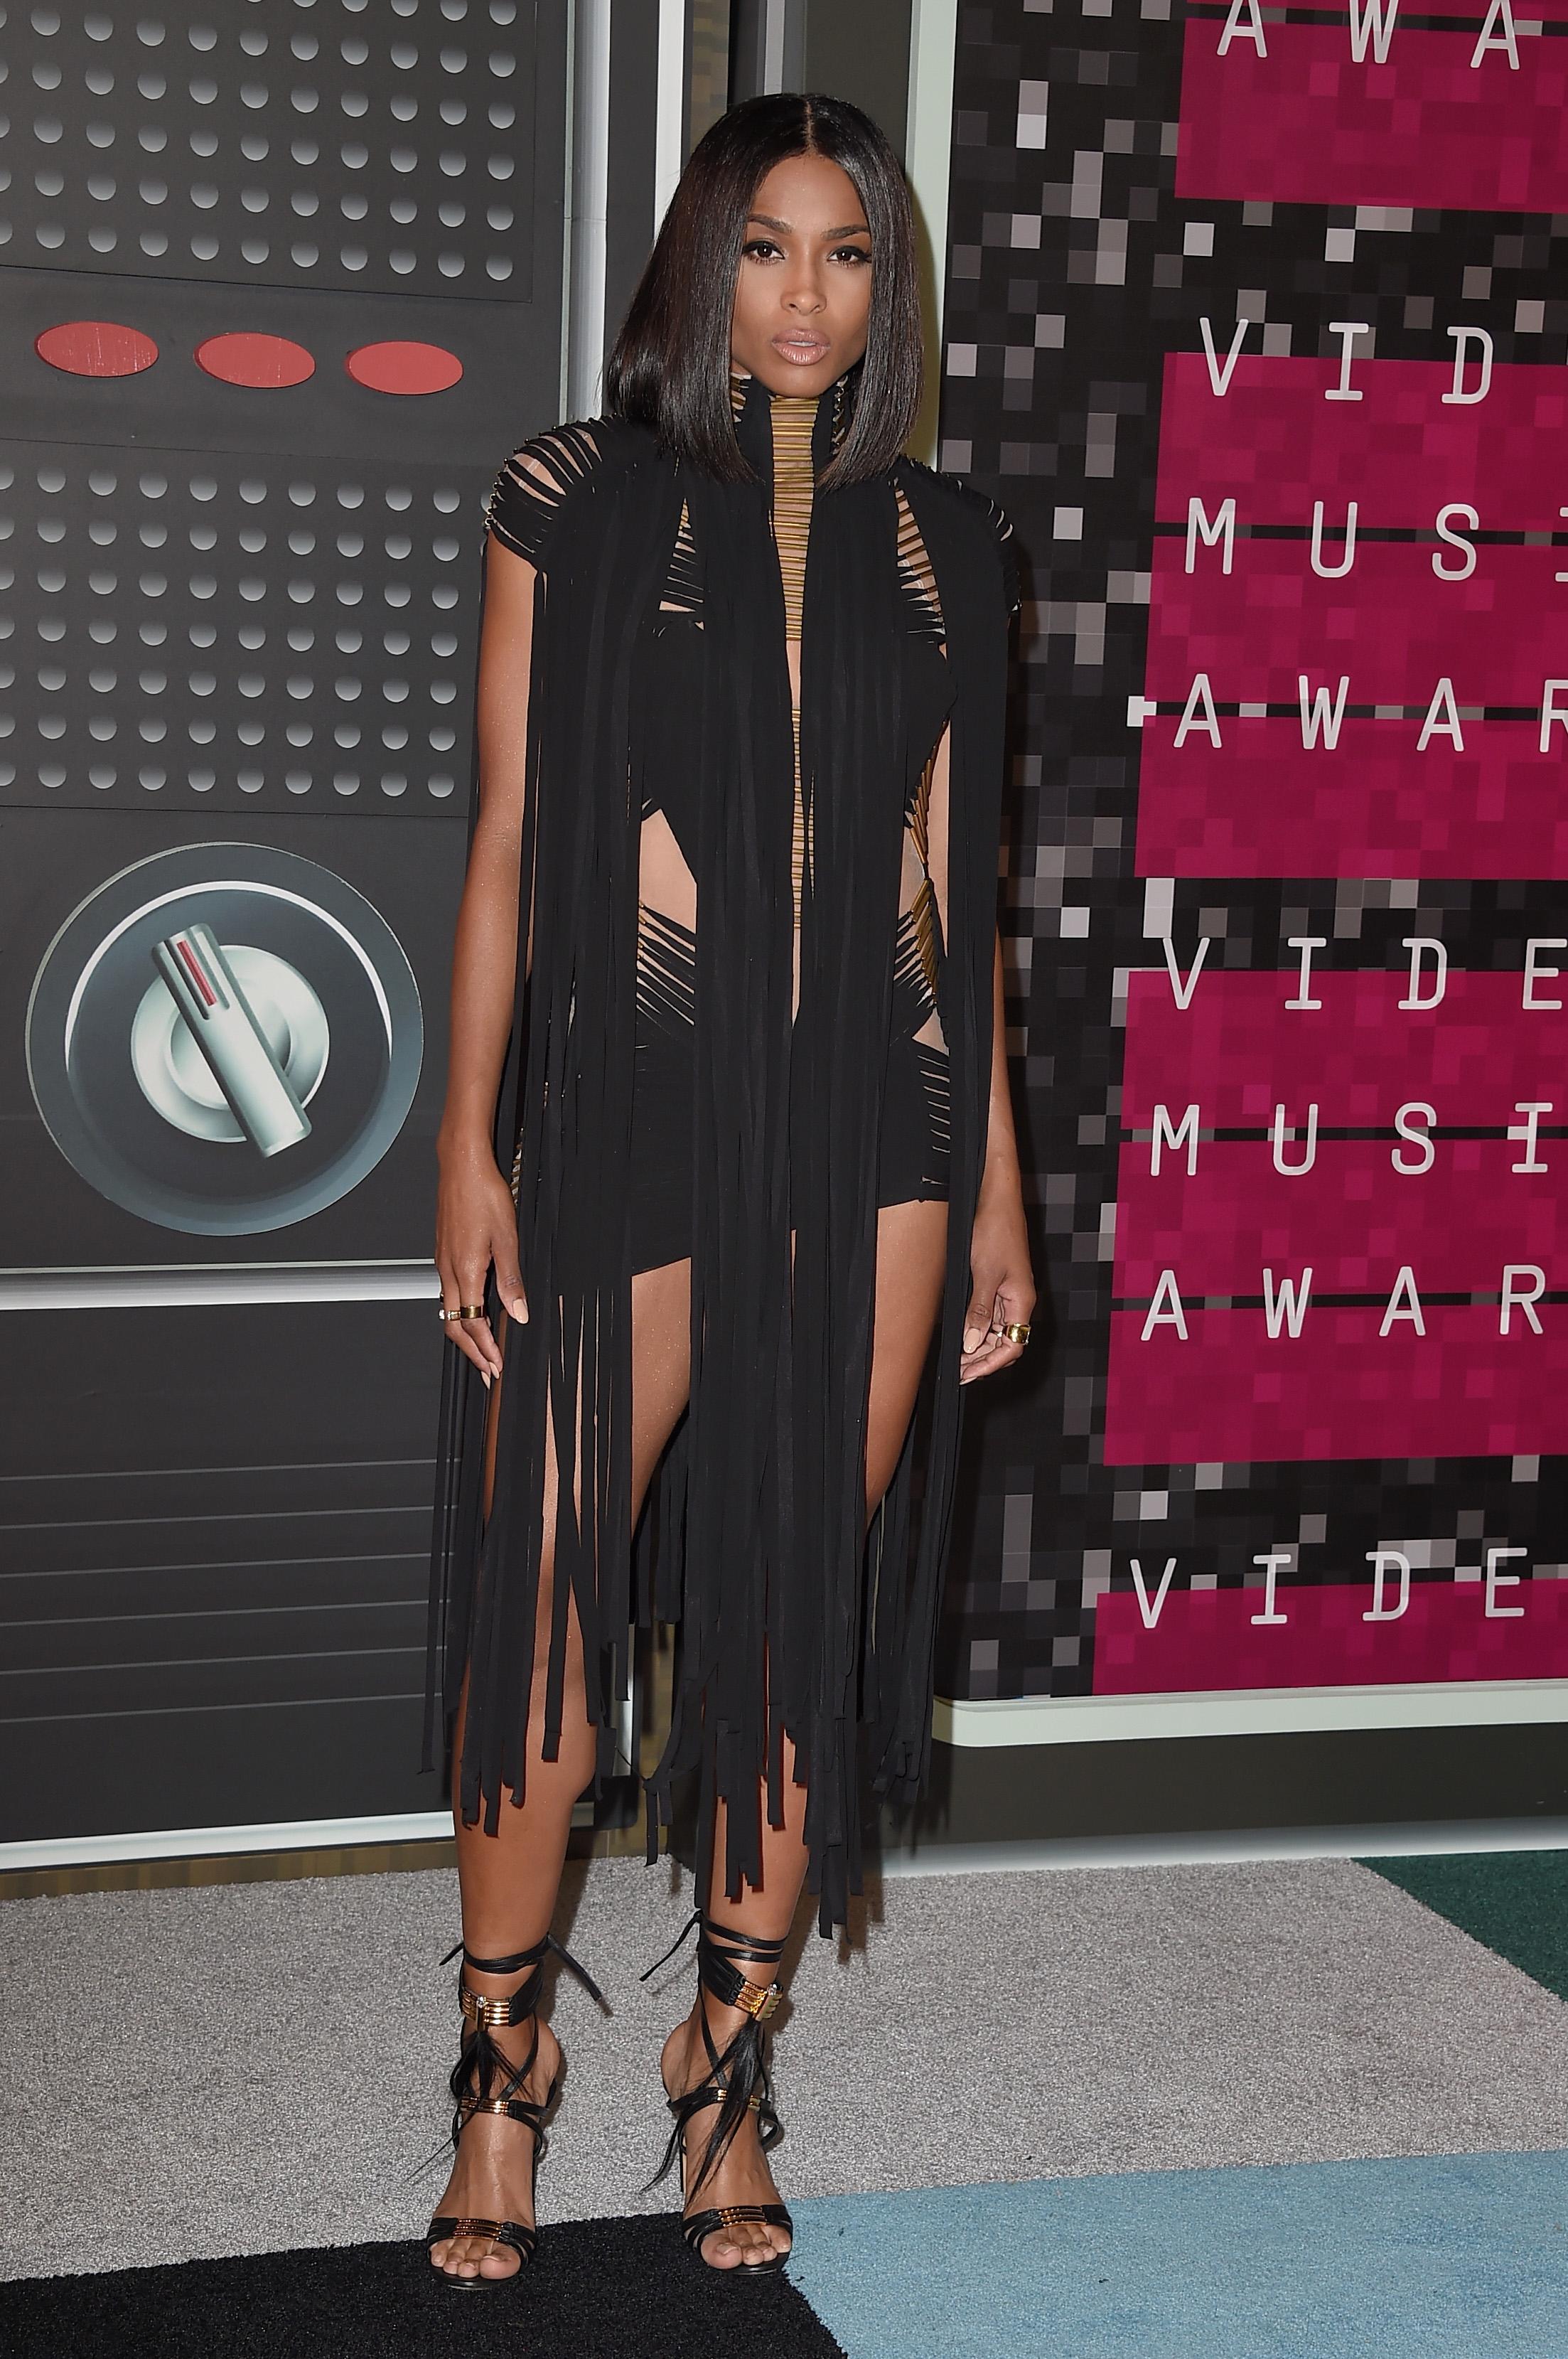 Ciara at the MTV VMAs 2015